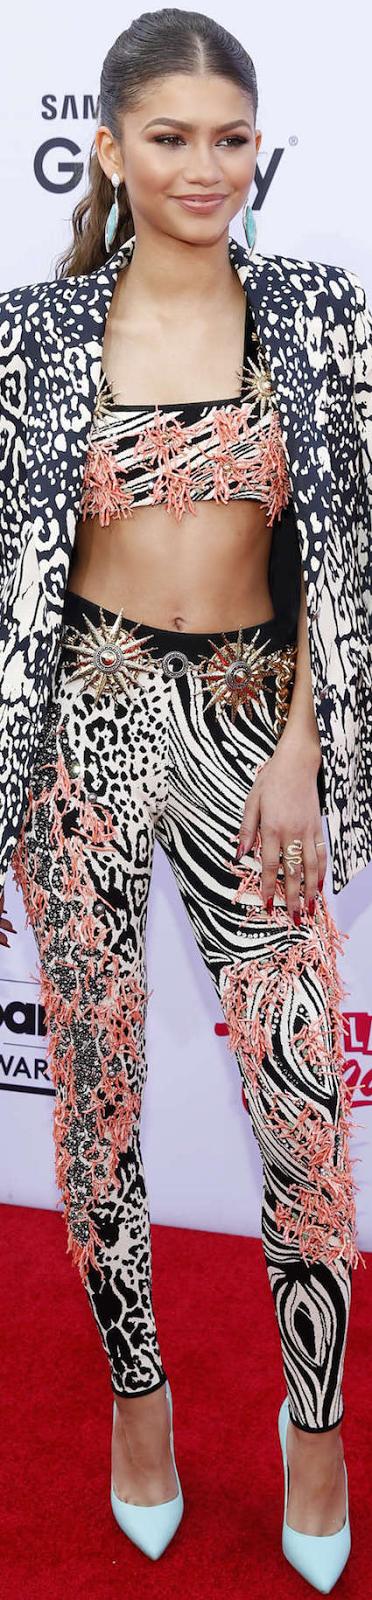 2015 Billboard Awards Zendaya Red Carpet